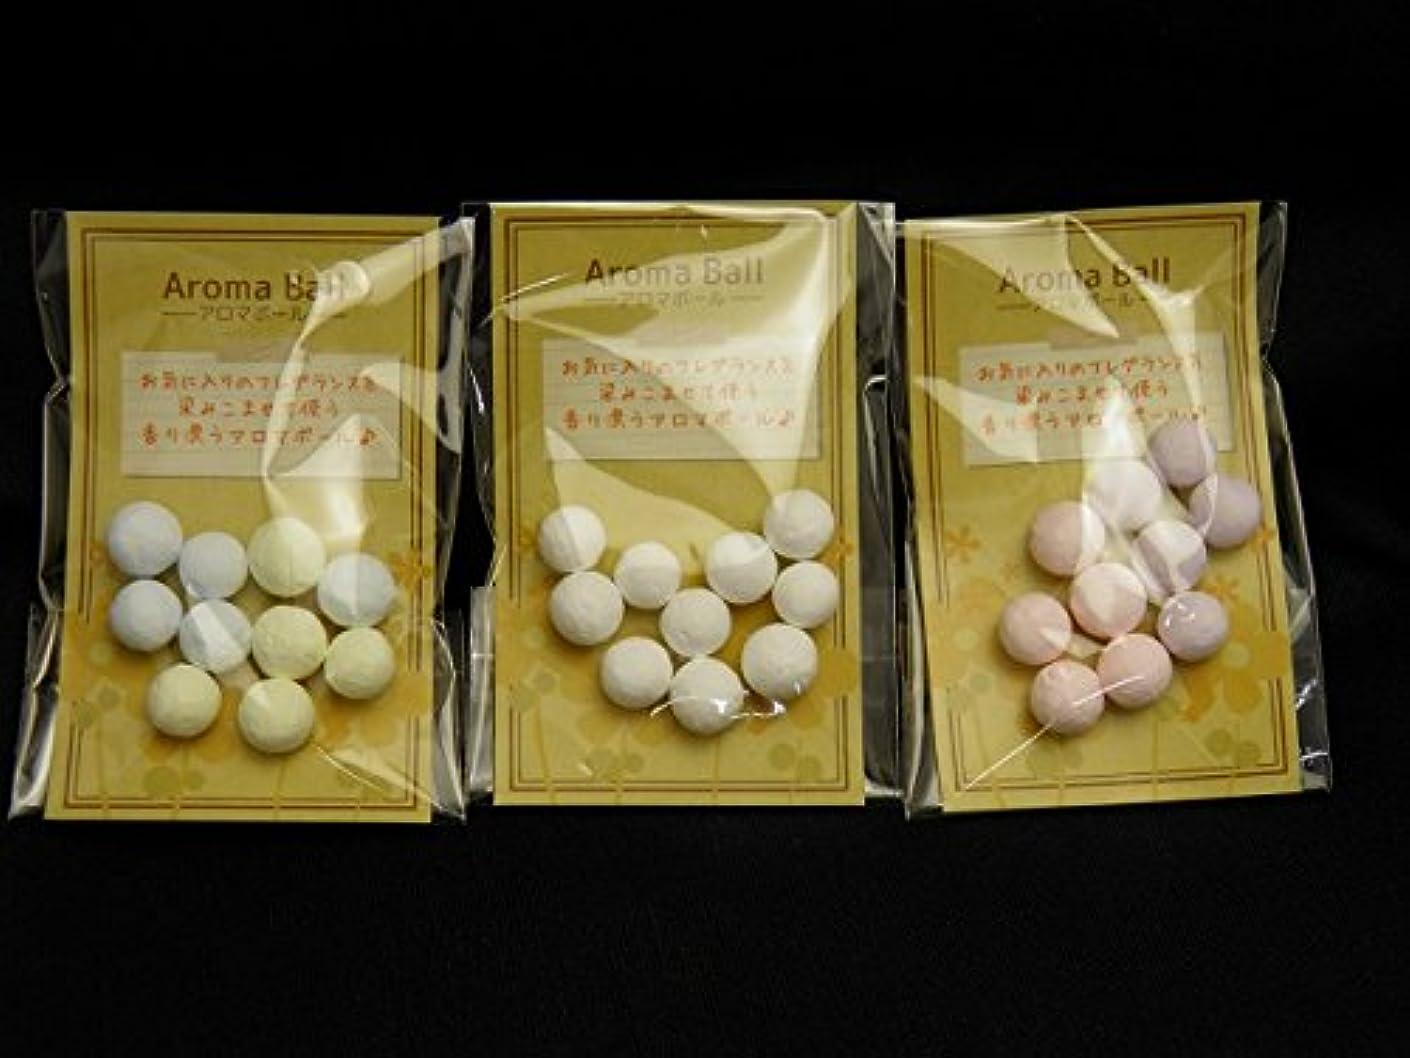 開始番号オペラインペリアルオーラ 3種類 アロマボールレフィル 10粒入り(2色各5粒) ホワイト